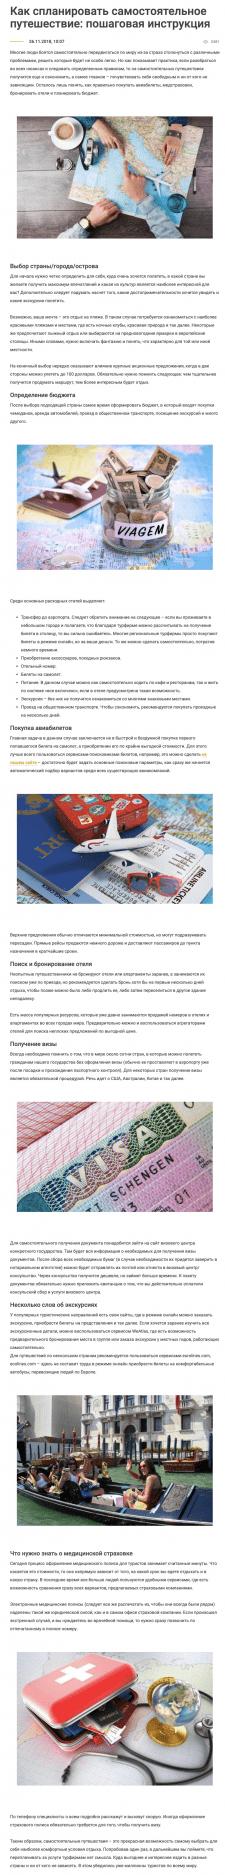 Самостоятельное путешествие (туризм)